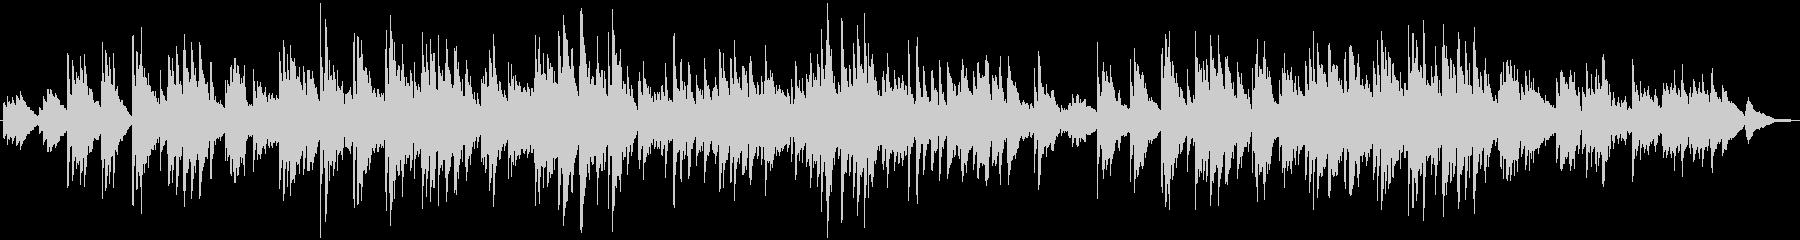 ギターデュオによるヒーリング音楽です。の未再生の波形